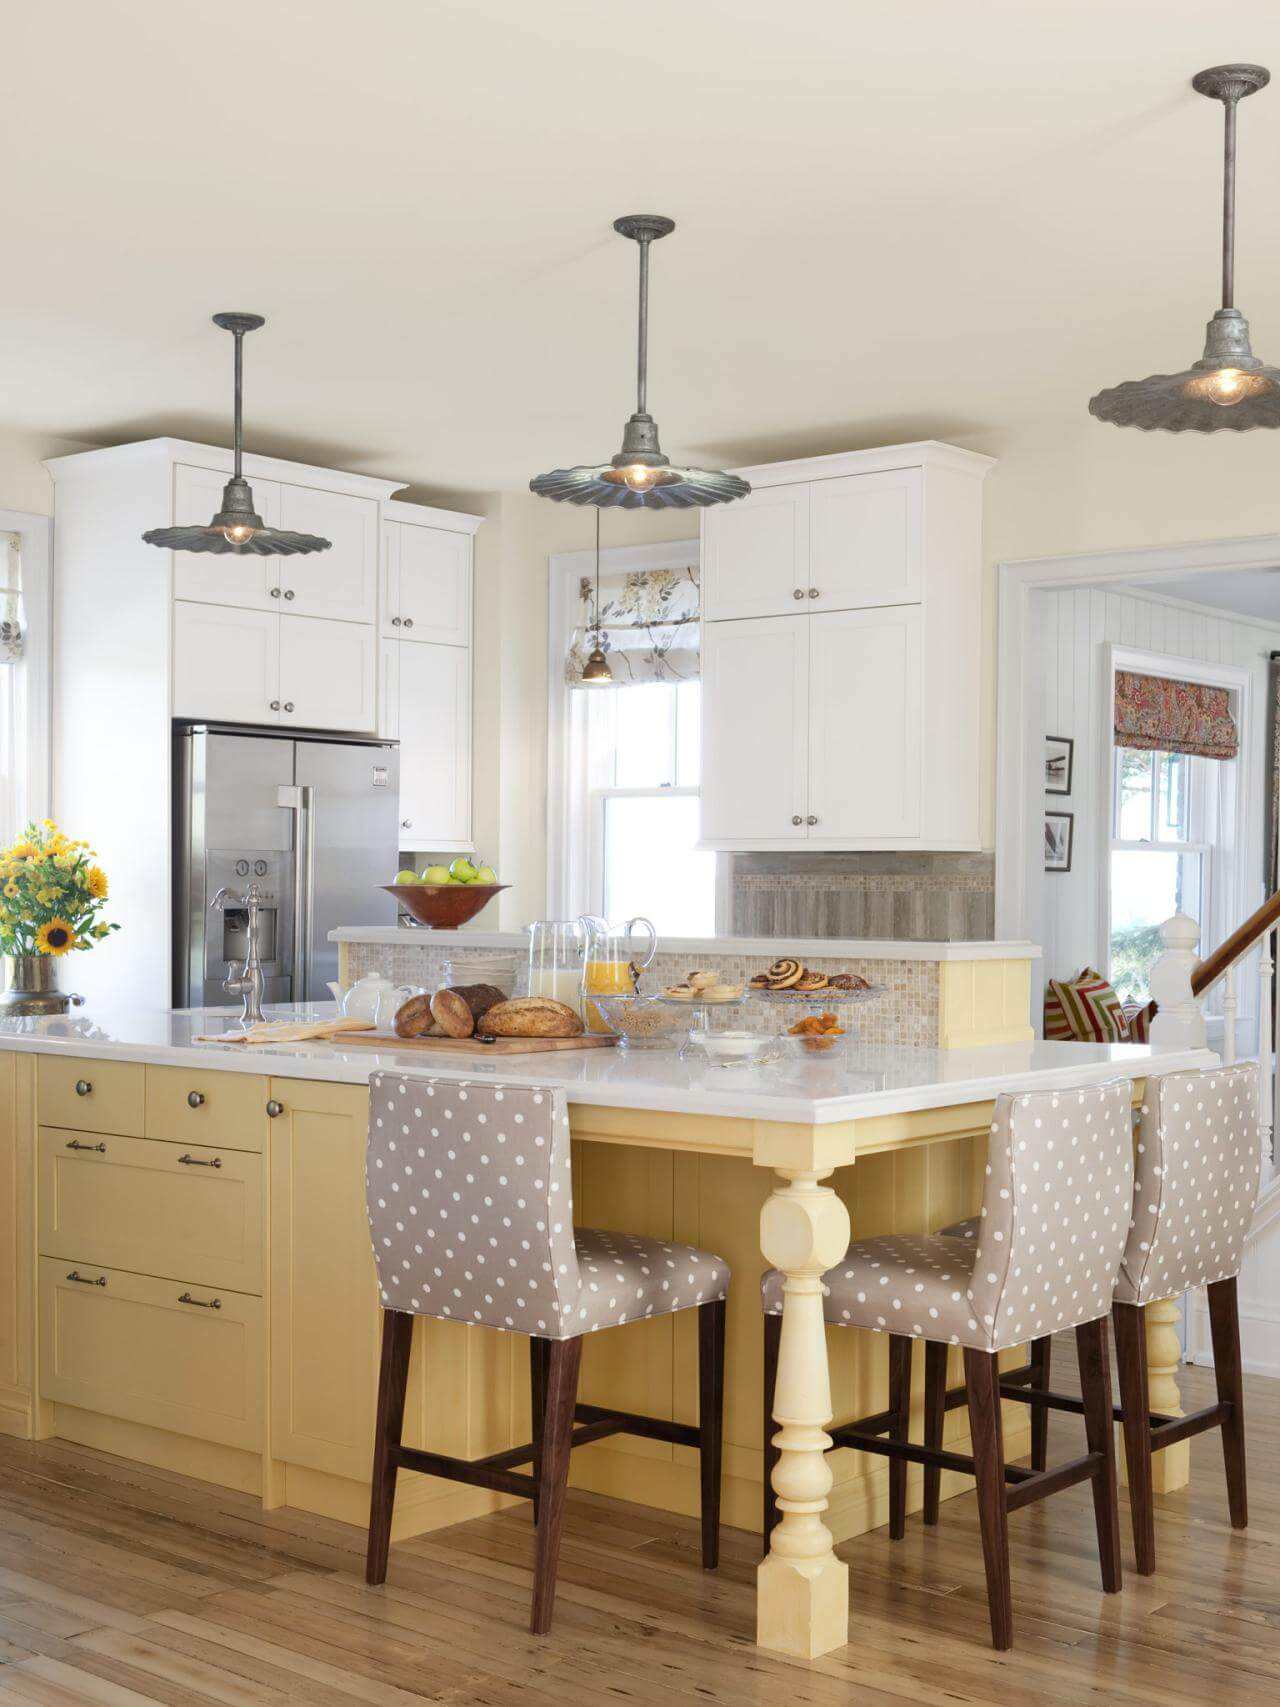 Sơn phòng bếp đẹp với gam màu trắng trở nên rất đáng yêu với gam màu be nhẹ nhàng của thân bàn bếp kết hợp hài hòa cùng những chiếc ghế độc đáo.